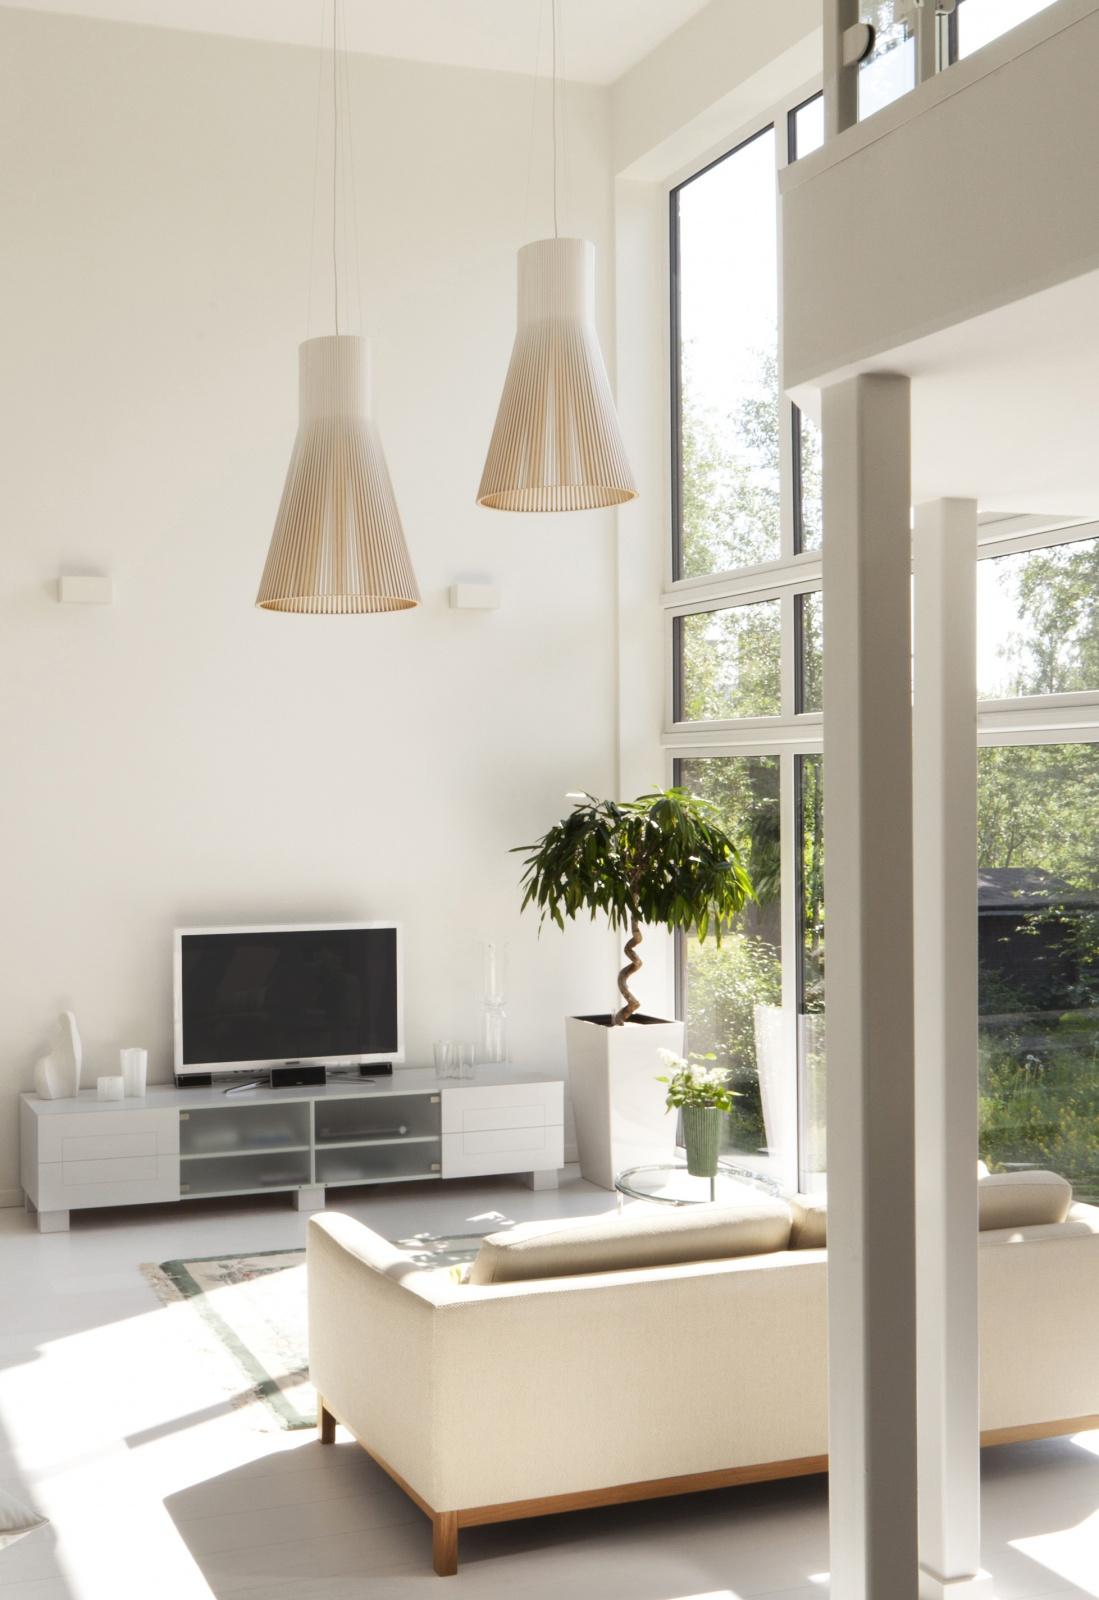 luminaire scandinave le monde de l a. Black Bedroom Furniture Sets. Home Design Ideas